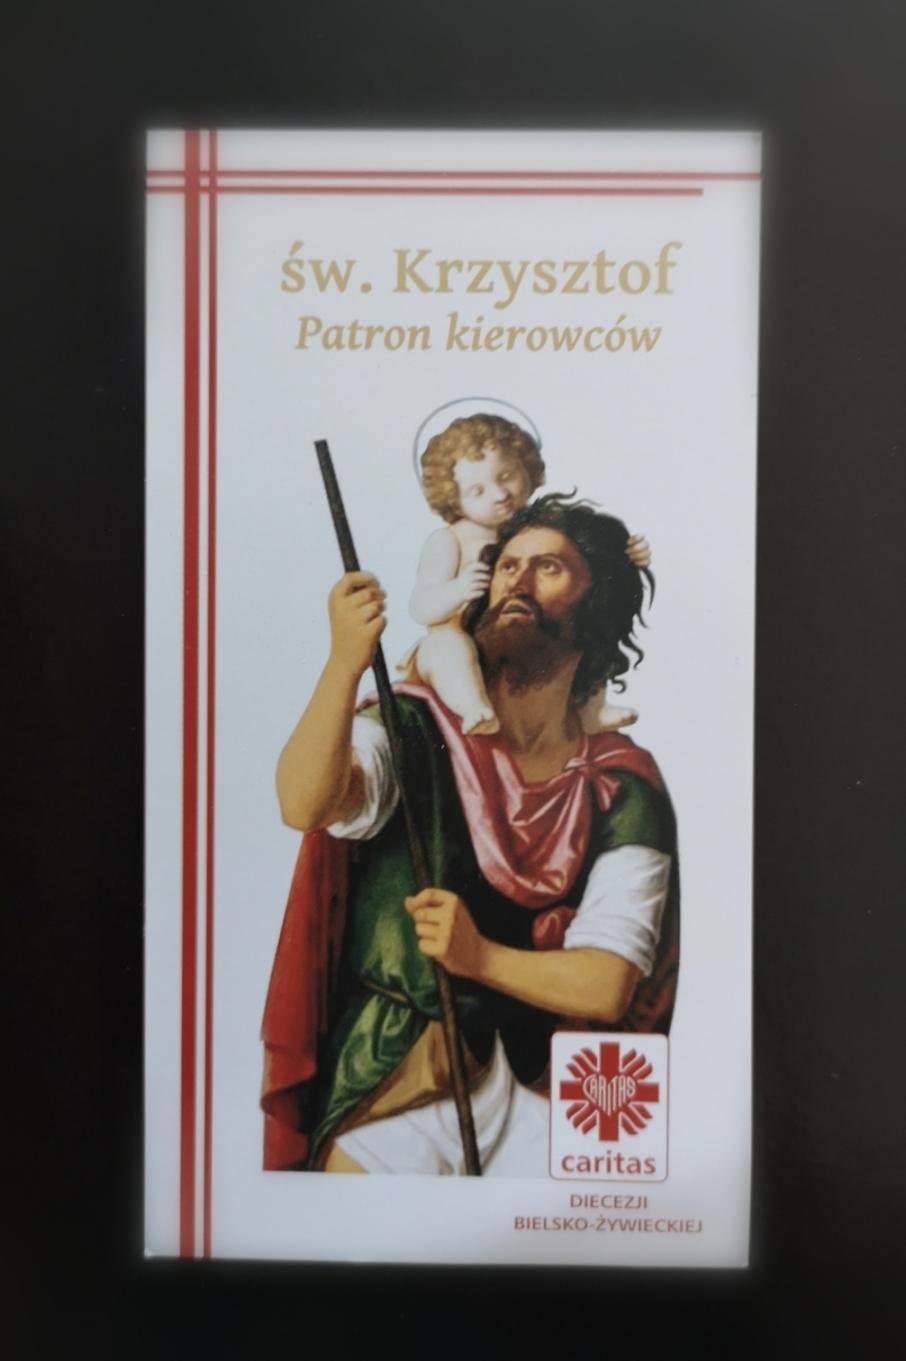 Dzień św. Krzysztofa – patrona kierowców